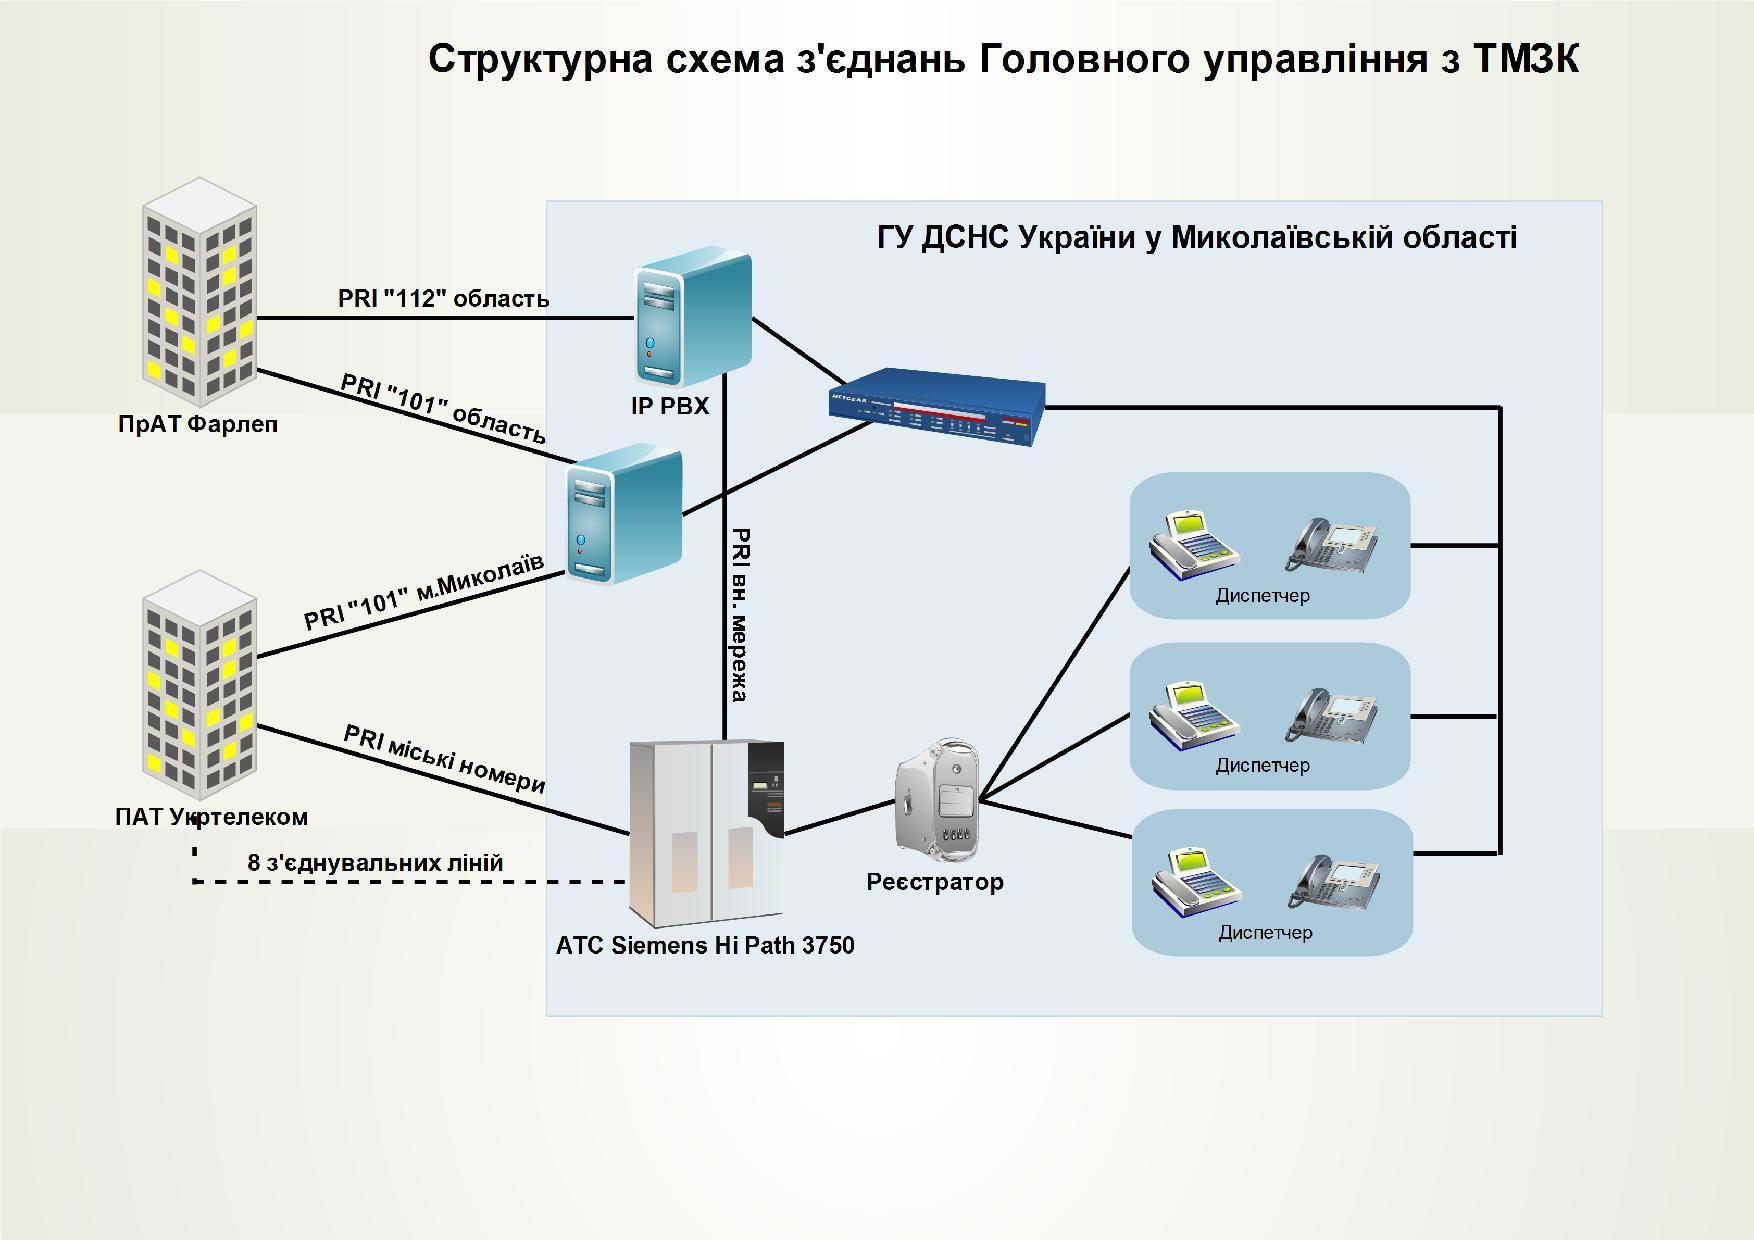 Схема ГУ ДСНС основна